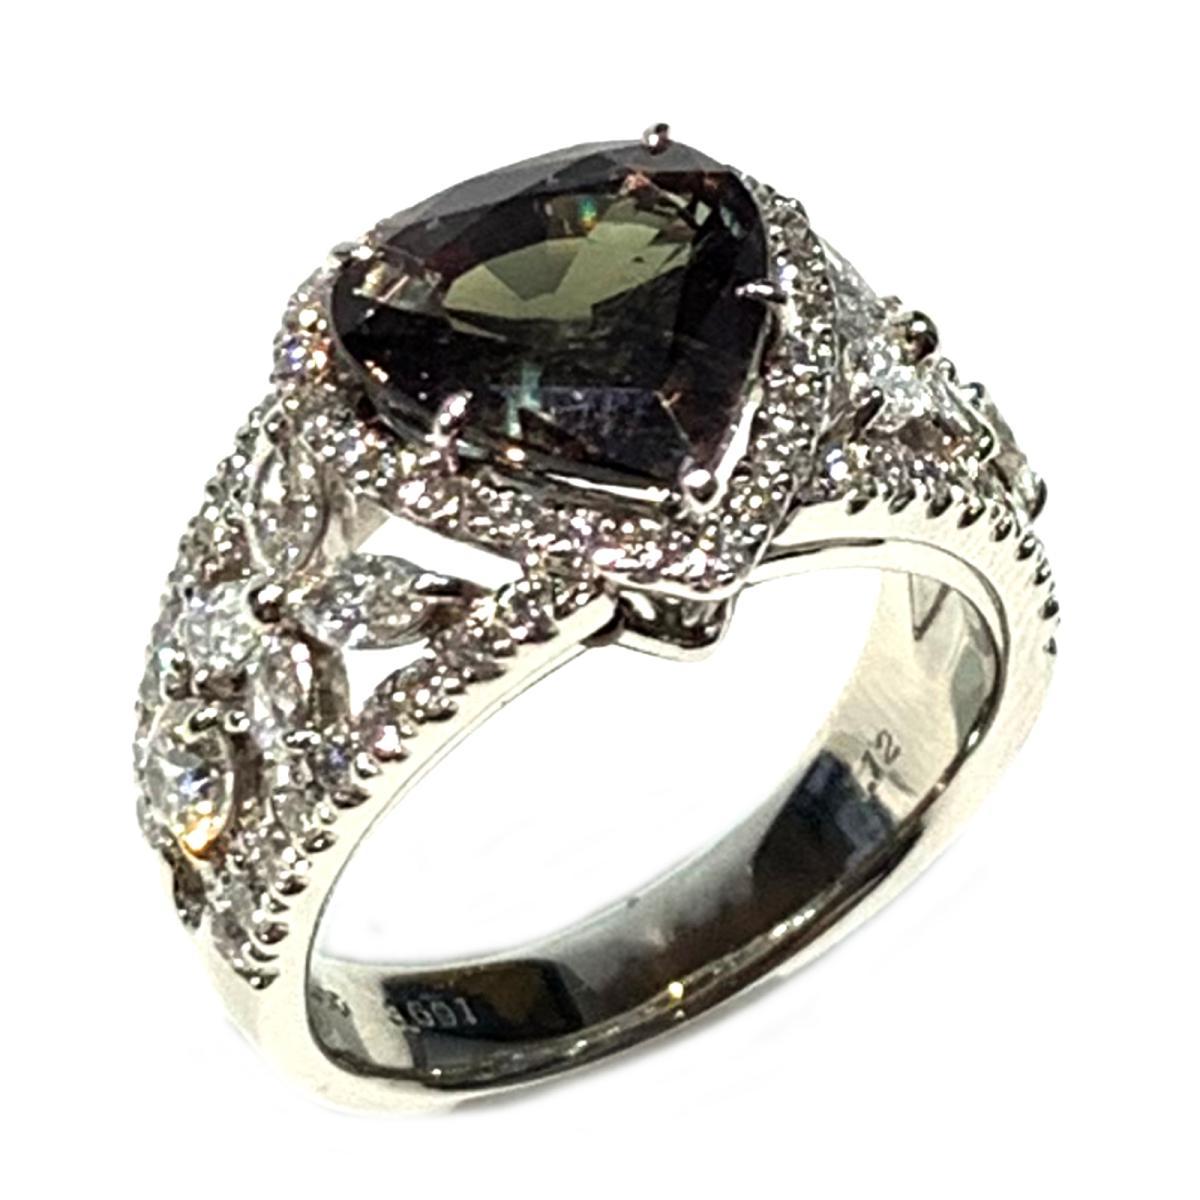 【中古】 ジュエリー アレキサンドライト ダイヤモンド リング 指輪 レディース PT900 プラチナ x シルバー グリーン | JEWELRY BRANDOFF ブランドオフ ブランド アクセサリー